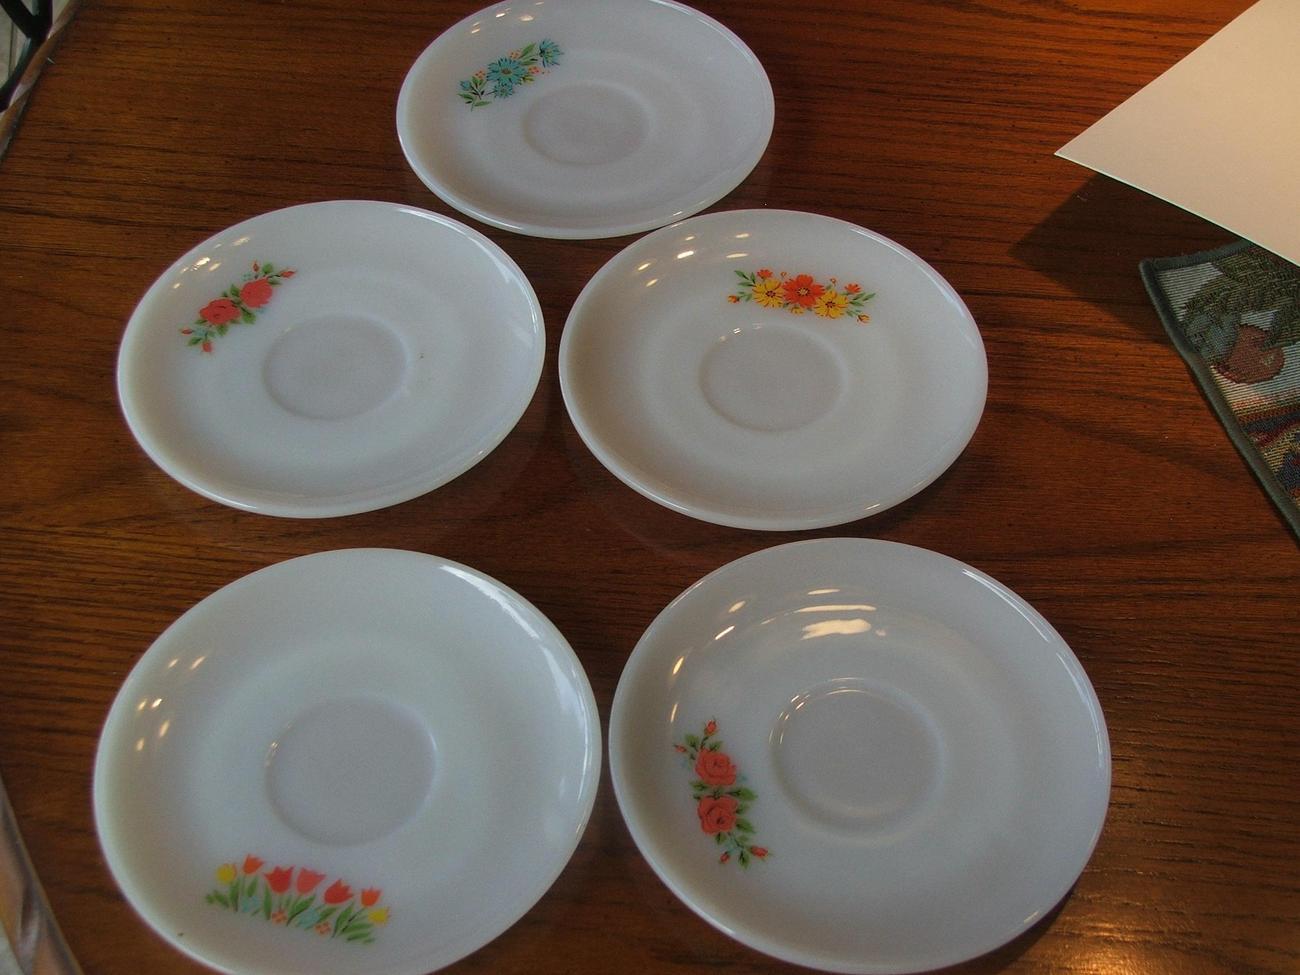 Fireking plates